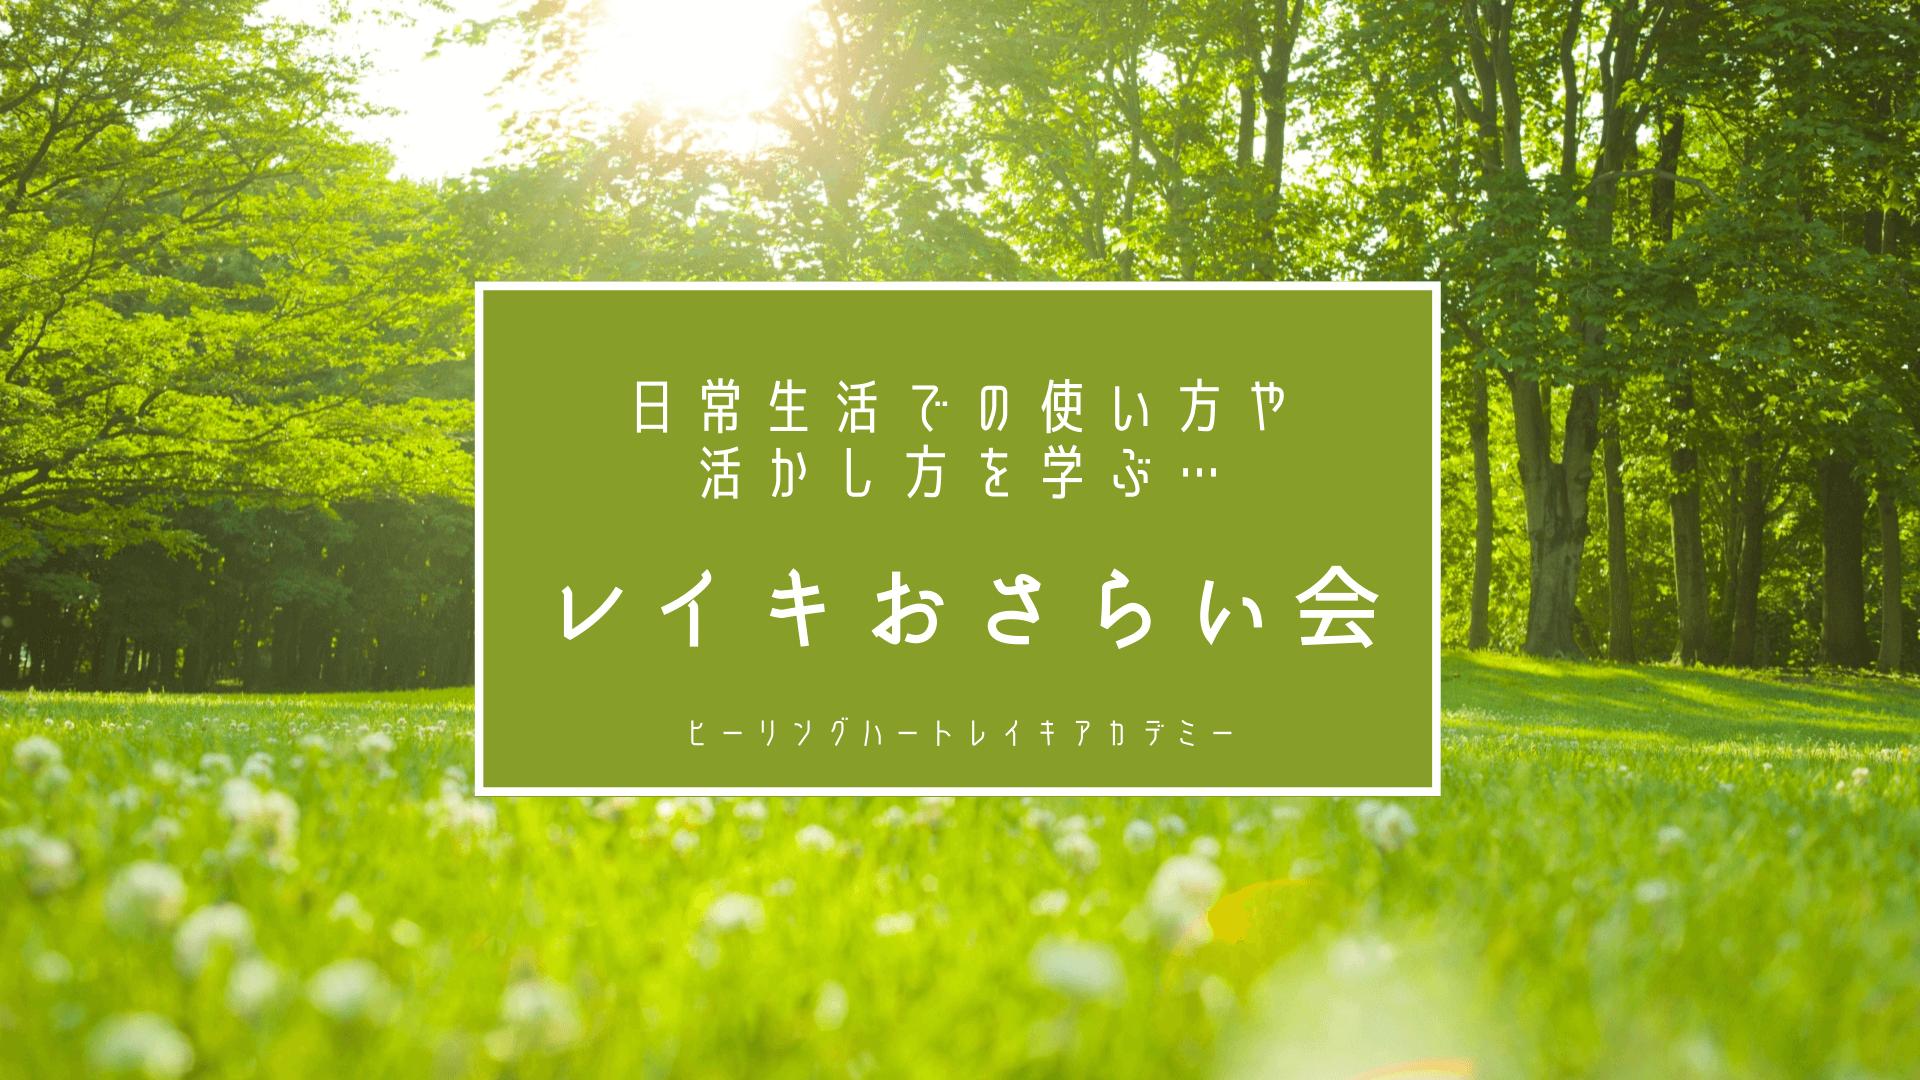 レイキおさらい会(トップバナー)